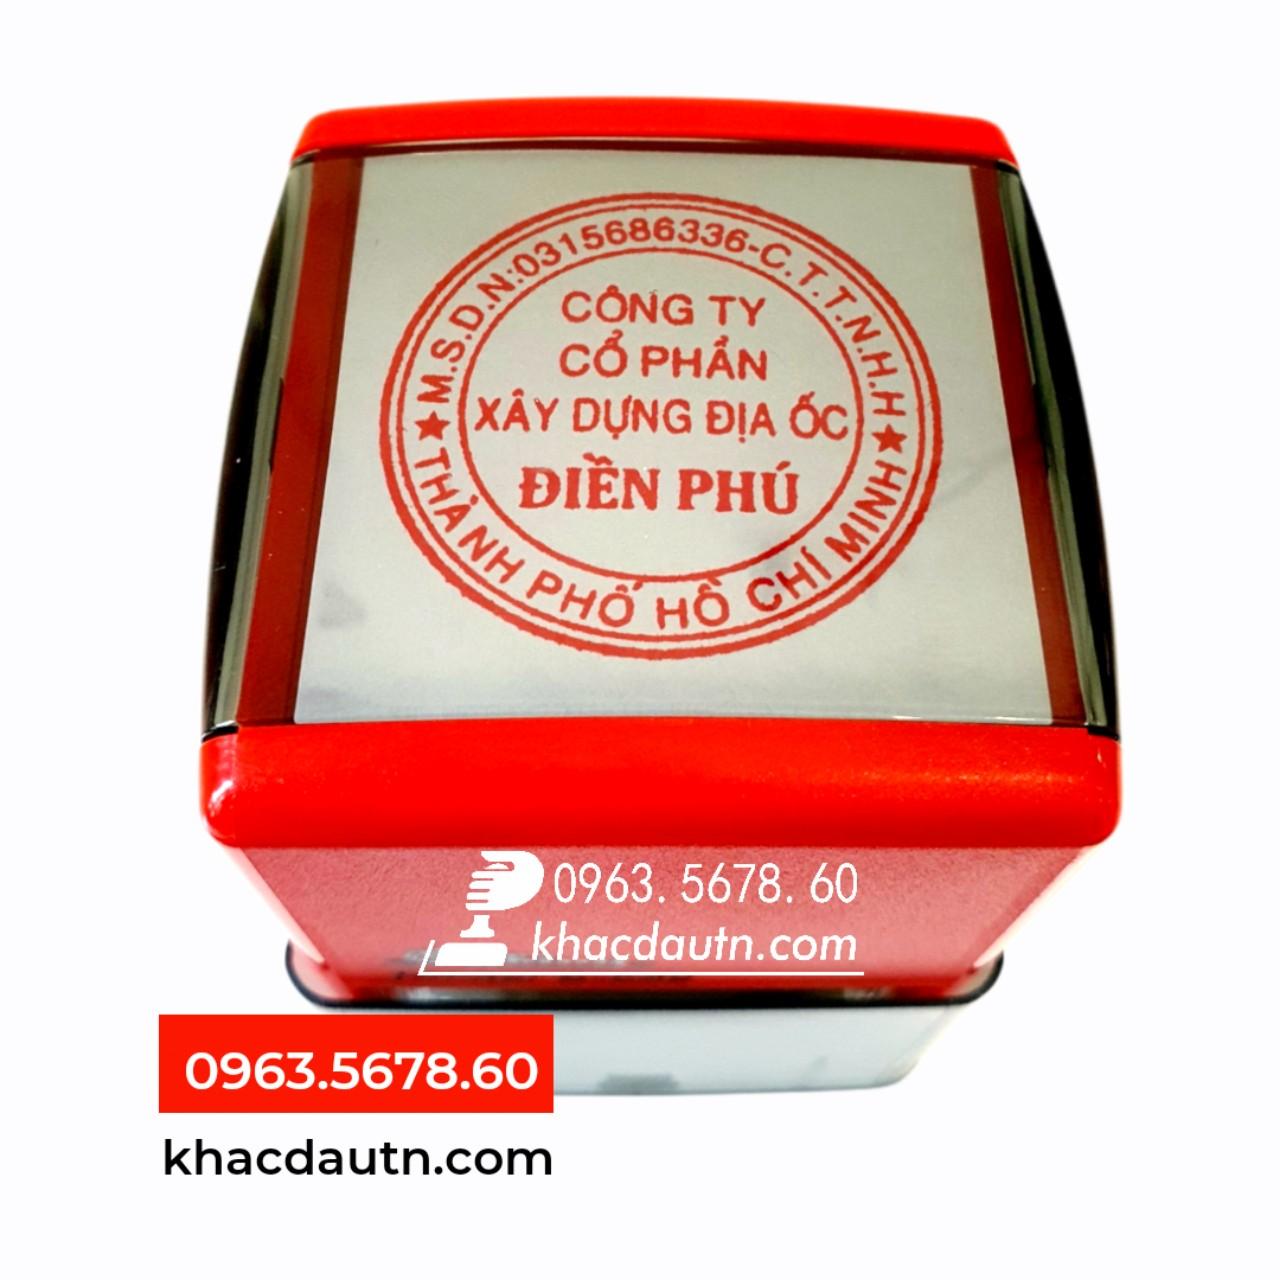 Khắc con dấu tròn doanh nghiệp - 0963.5678.60 Chuyên Cung Cấp Và Sản Xuất Giao Công Con Dấu - Luôn Có Nhiều Ưu Đãi Giảm - Xuất HD VAT 10%